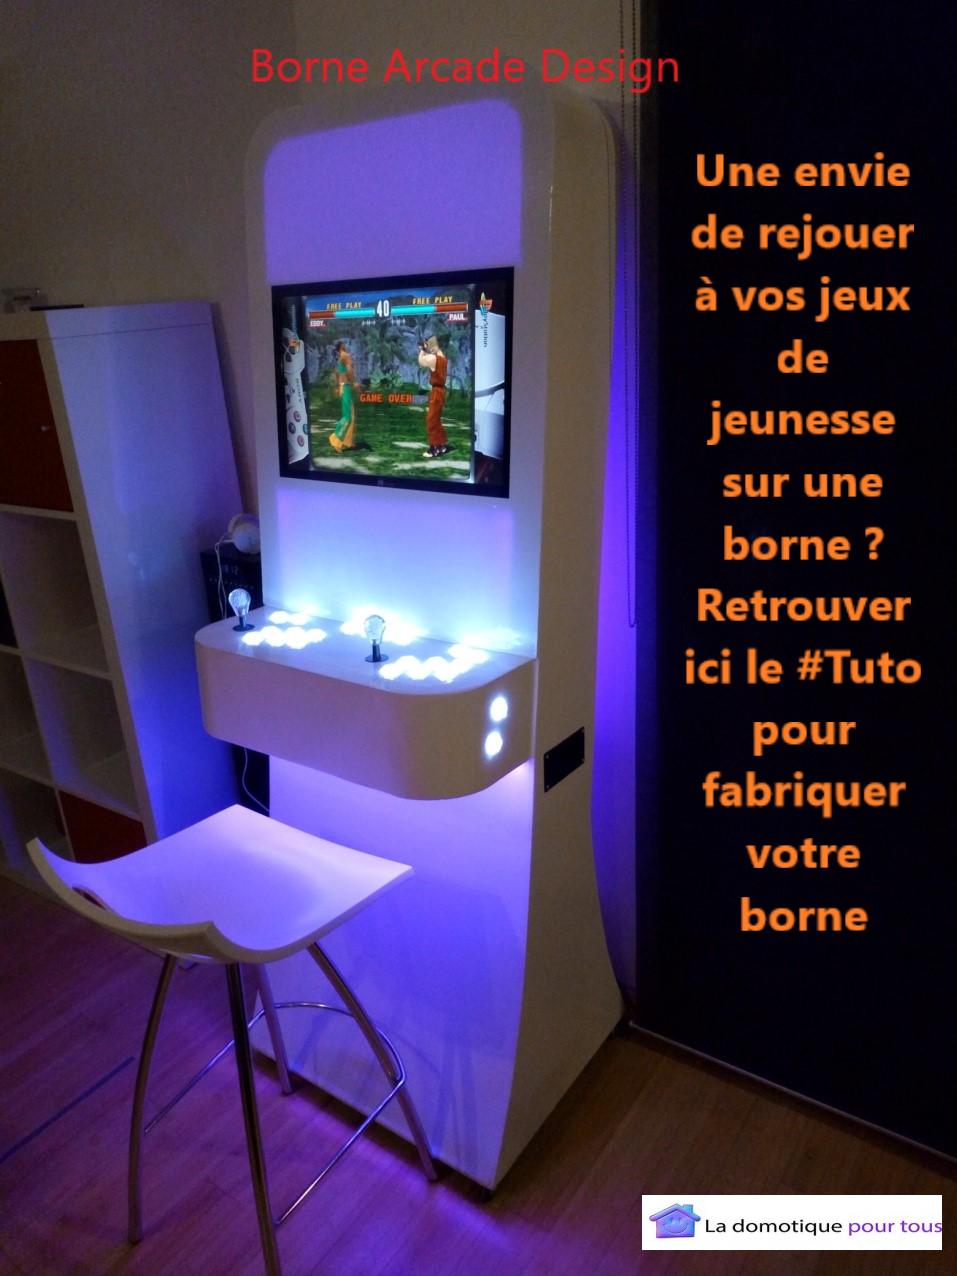 image de couverture borne arcade